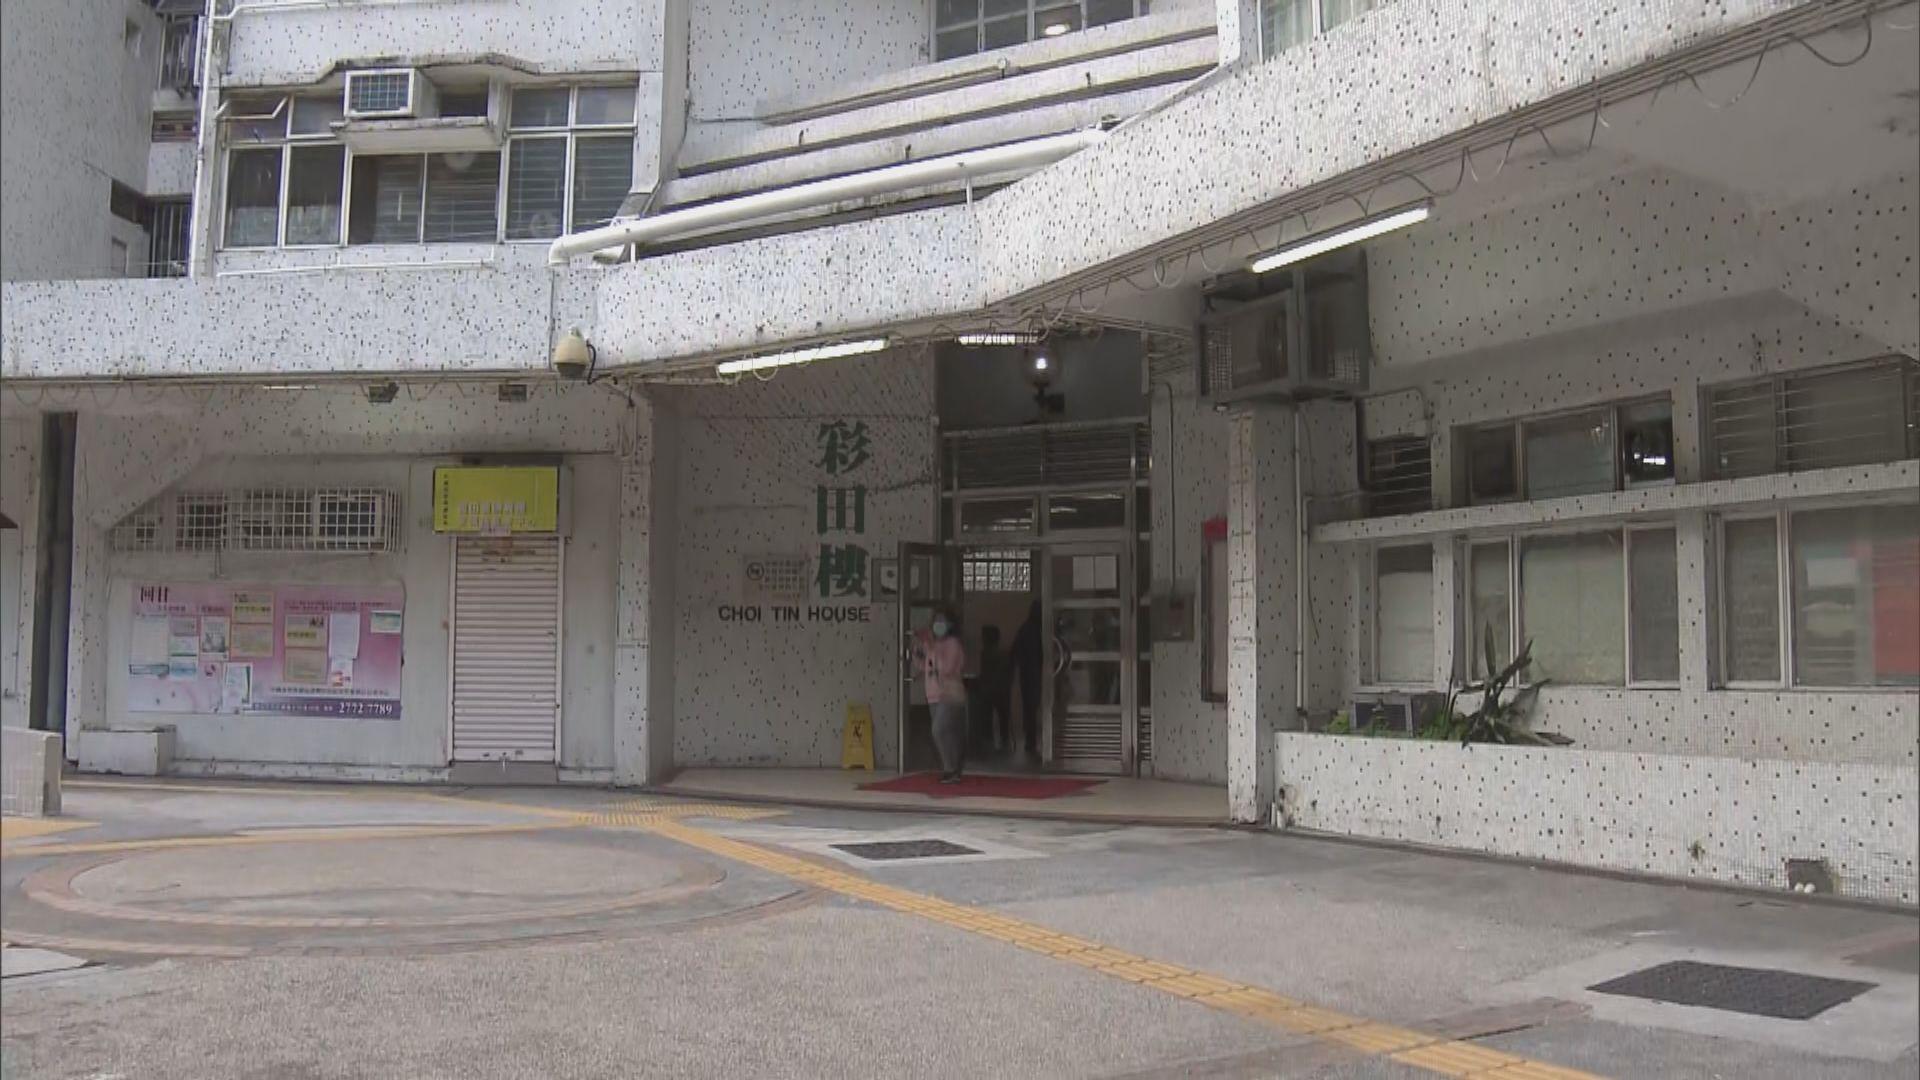 確診保安被指曾到煌府酒家出席飯局 集團澄清分店早已暫停營業